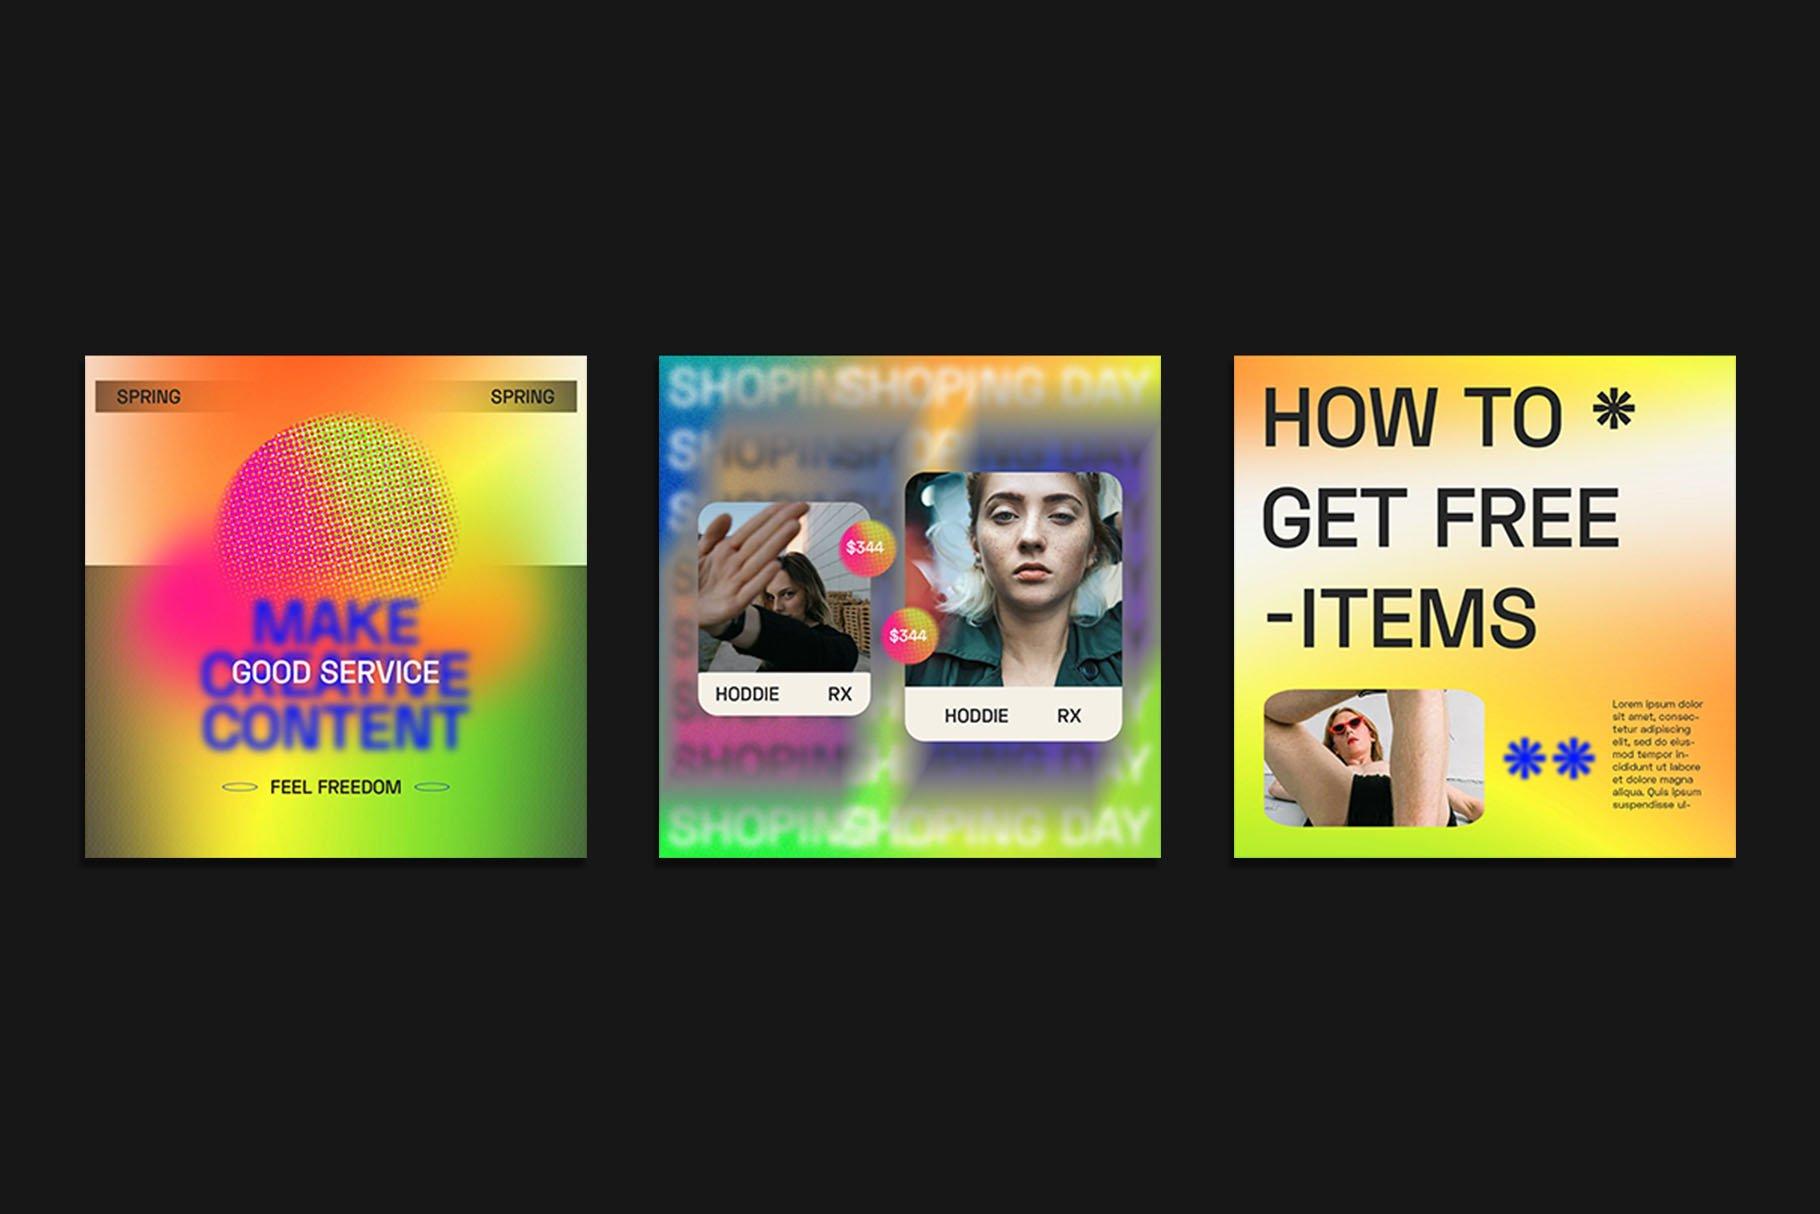 时尚潮流虹彩渐变品牌推广新媒体电商海报设计PSD模板素材 Gradiyent Instagram Templates插图7